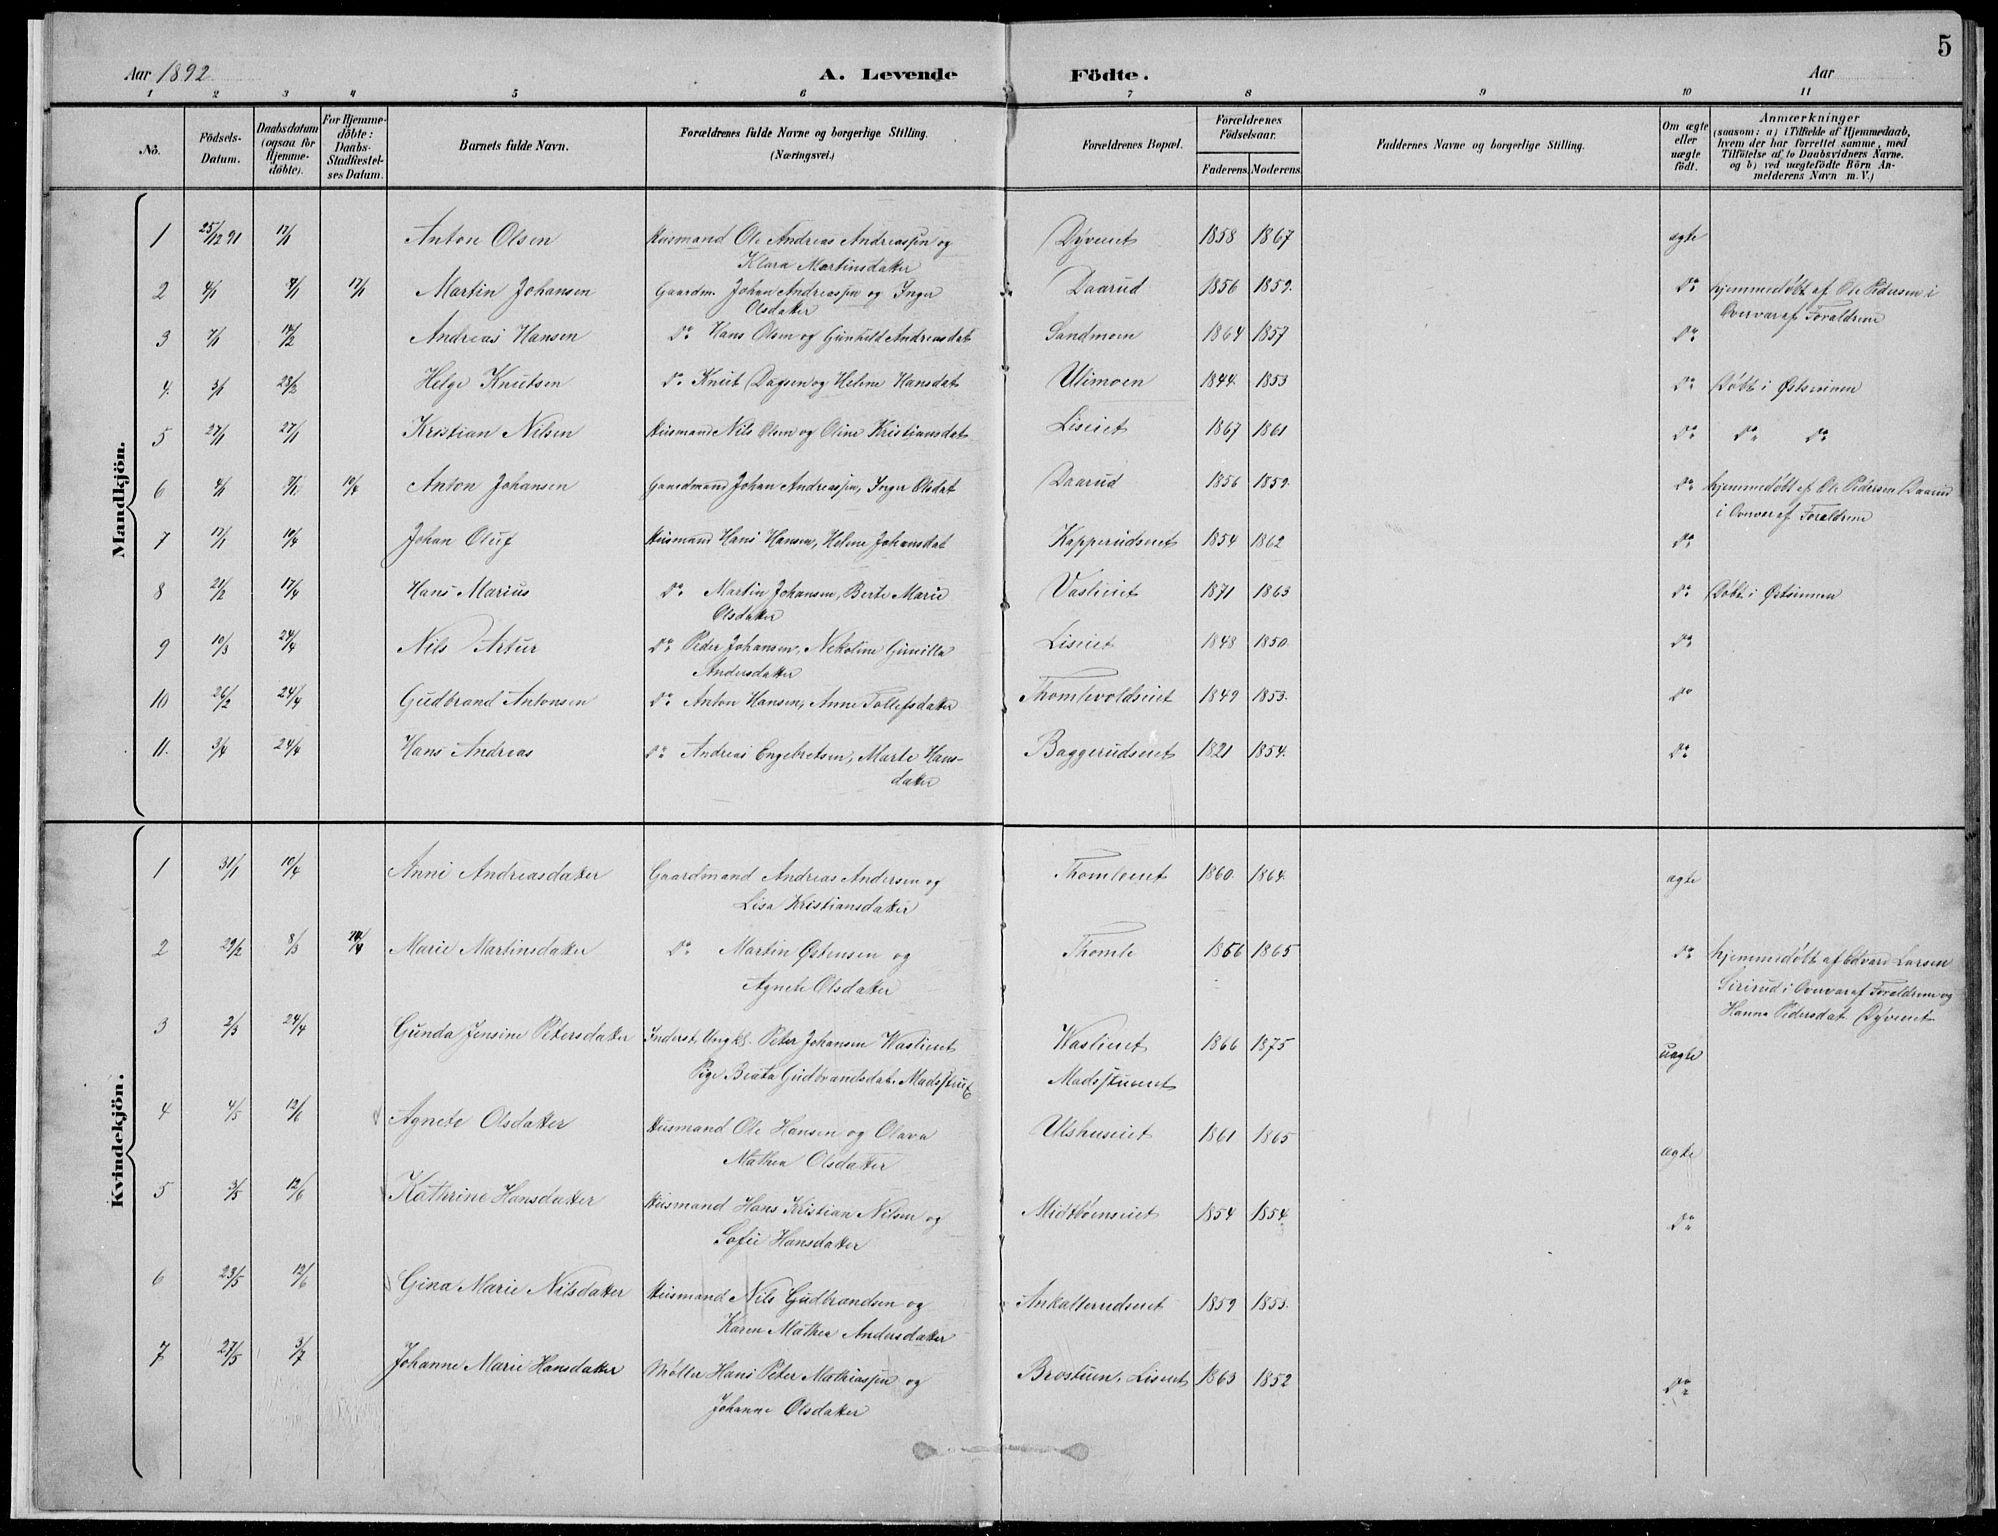 SAH, Nordre Land prestekontor, Klokkerbok nr. 13, 1891-1904, s. 5